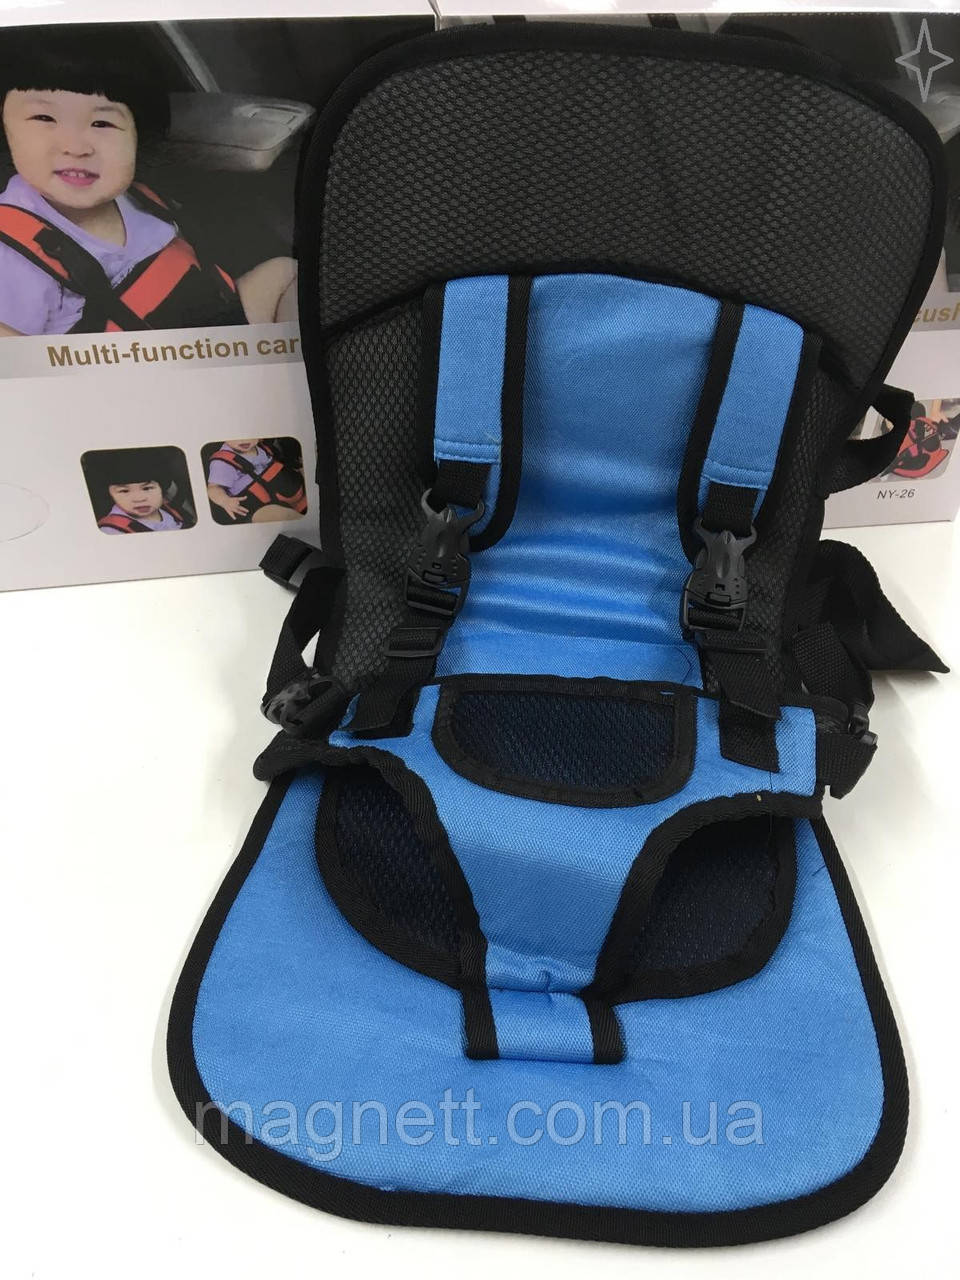 Детское бескаркасное автокресло Multi Function NY-26 (синее)